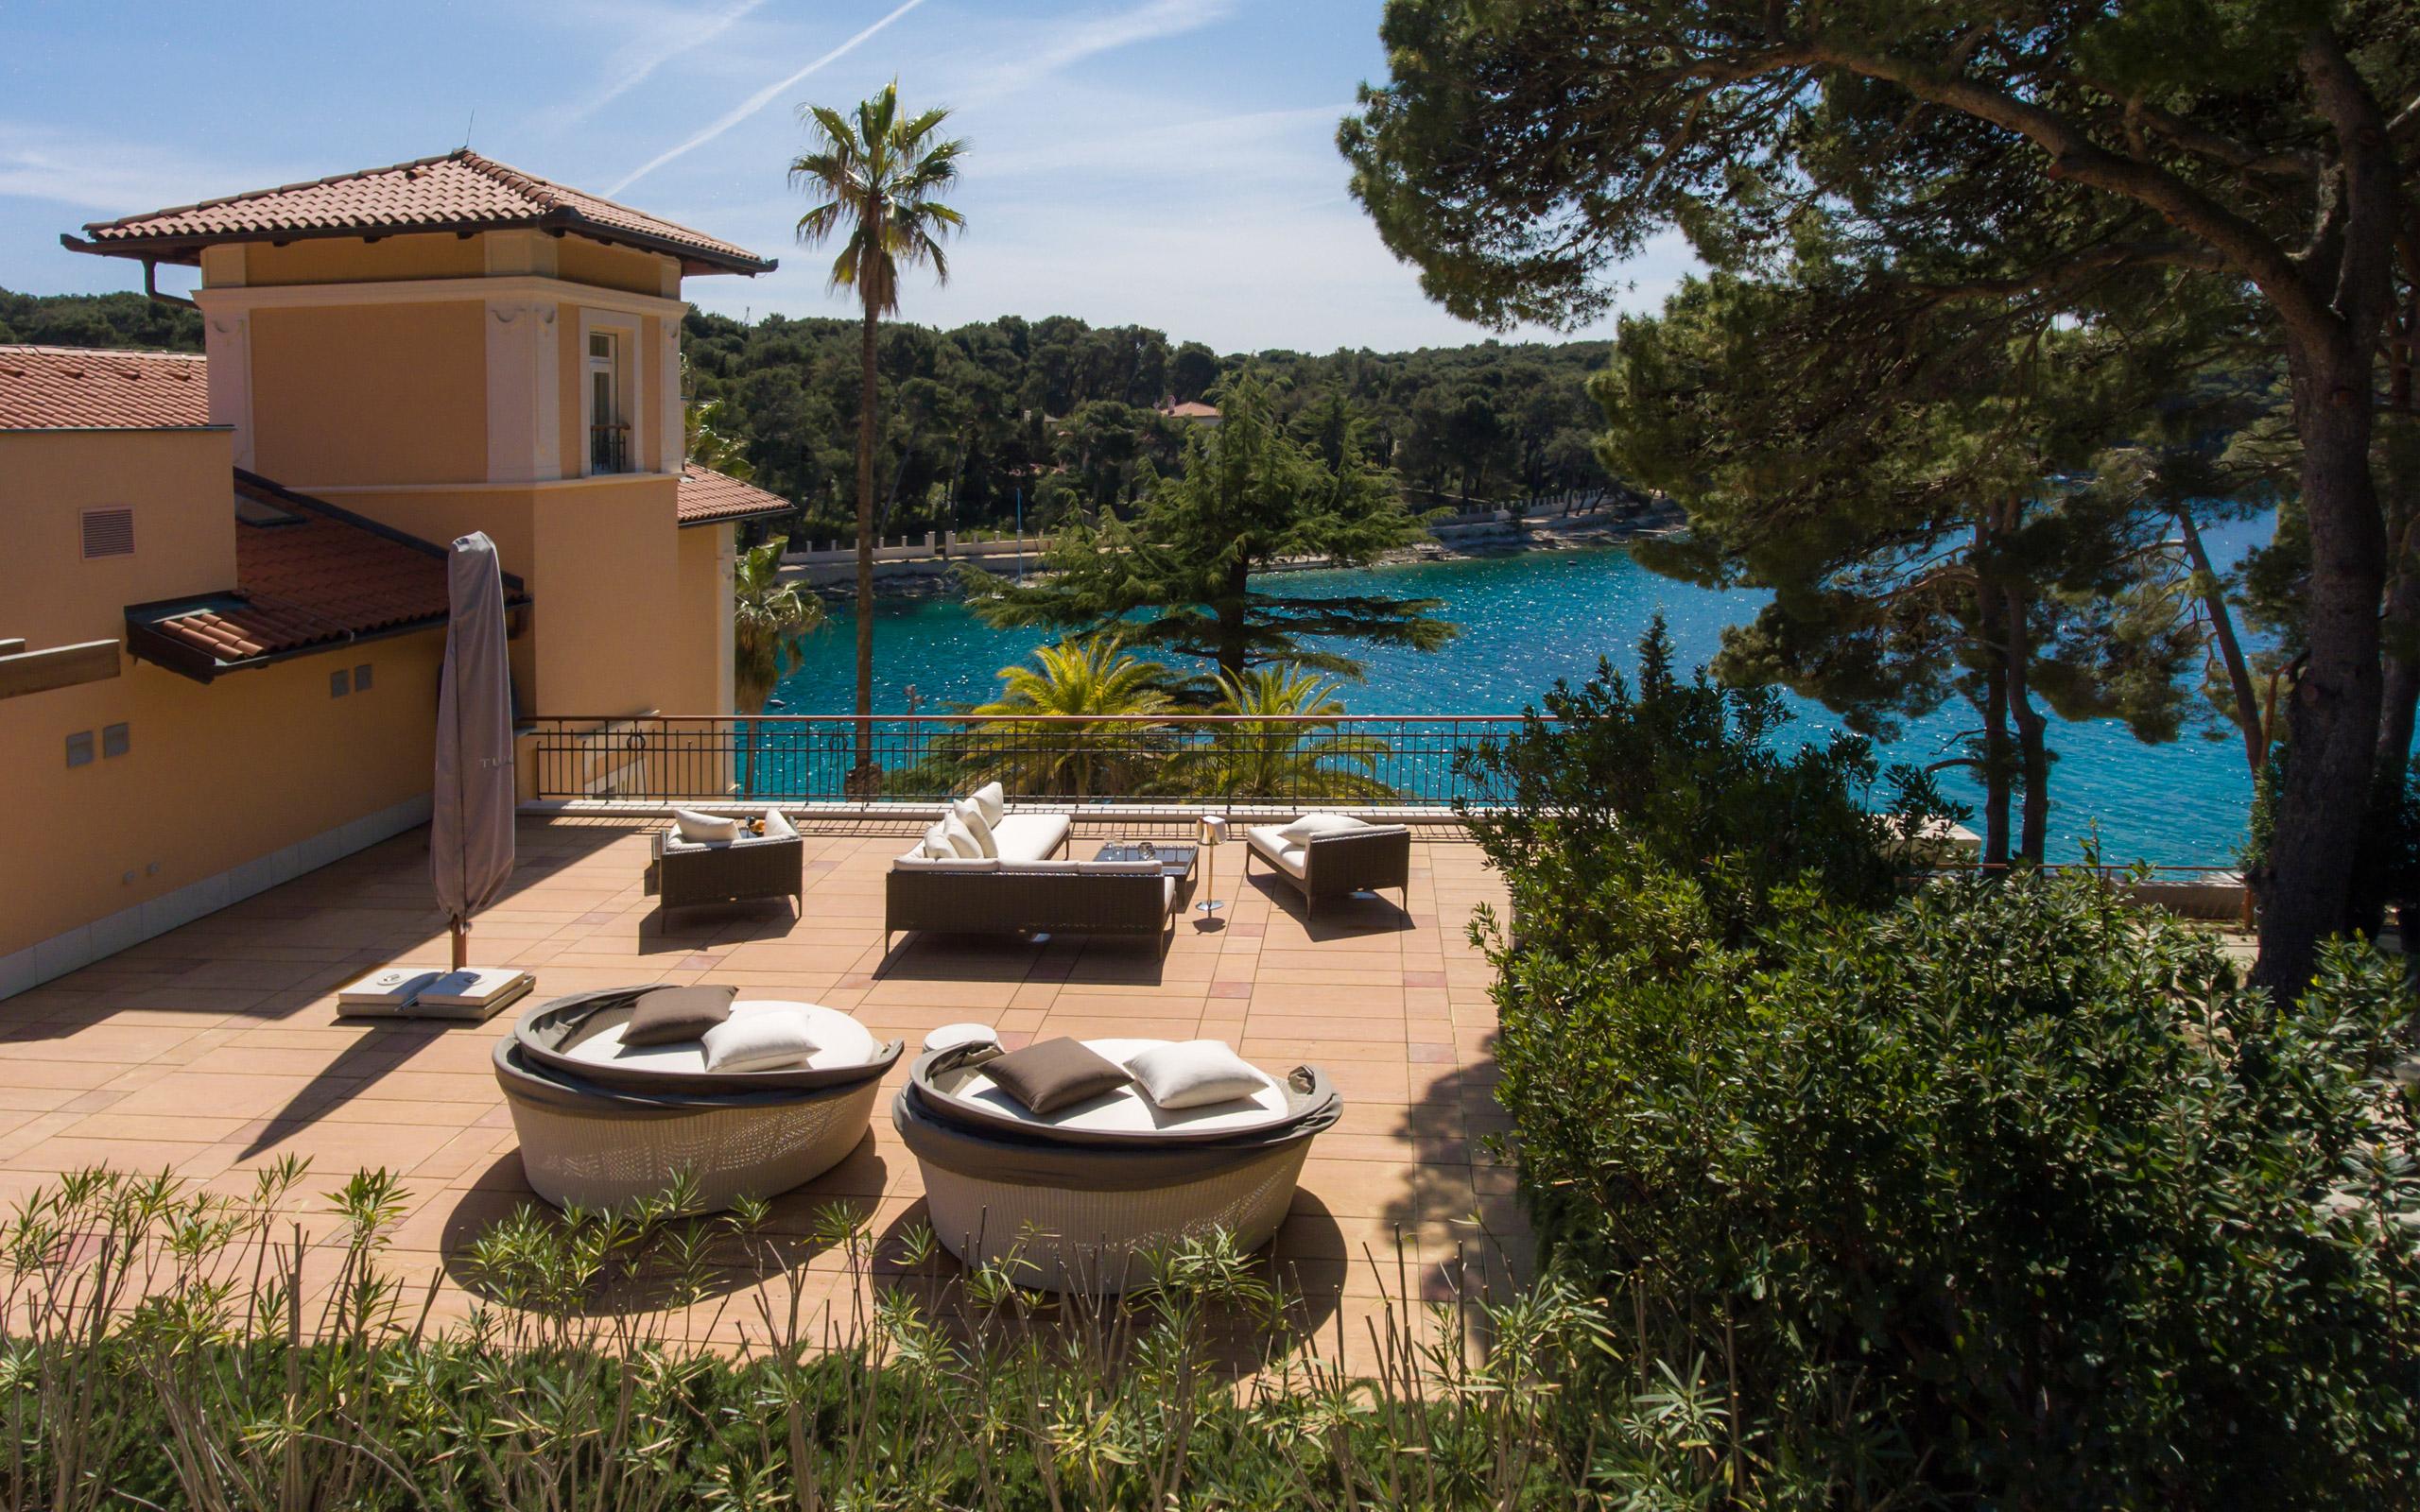 https://www.losinj-hotels.com/assets/Vila-Mirasol/Images/mirasol-proba-2.jpg